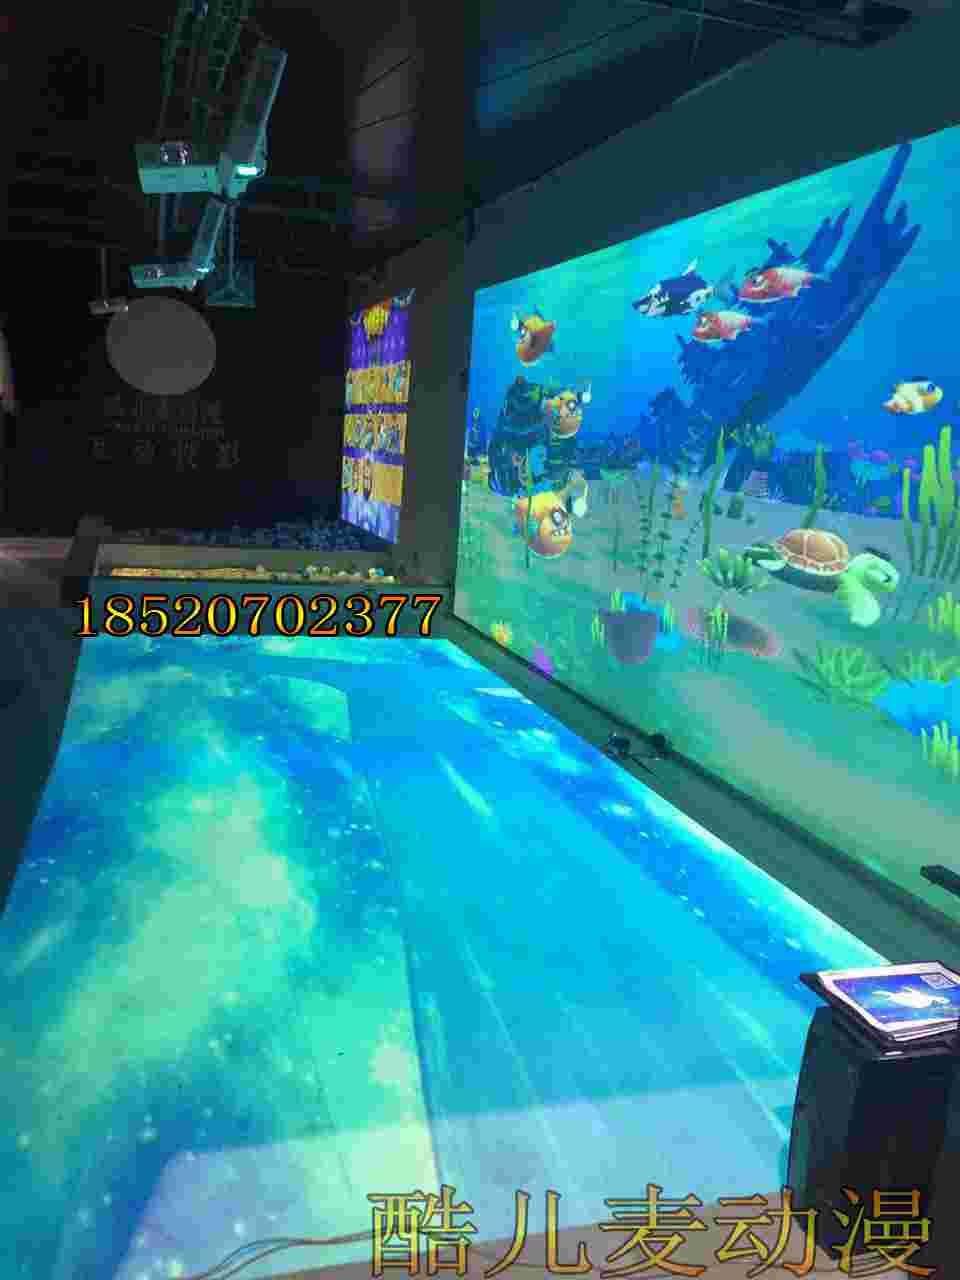 超值的互动水族馆投影游乐设备品牌推荐-新型墙面互动